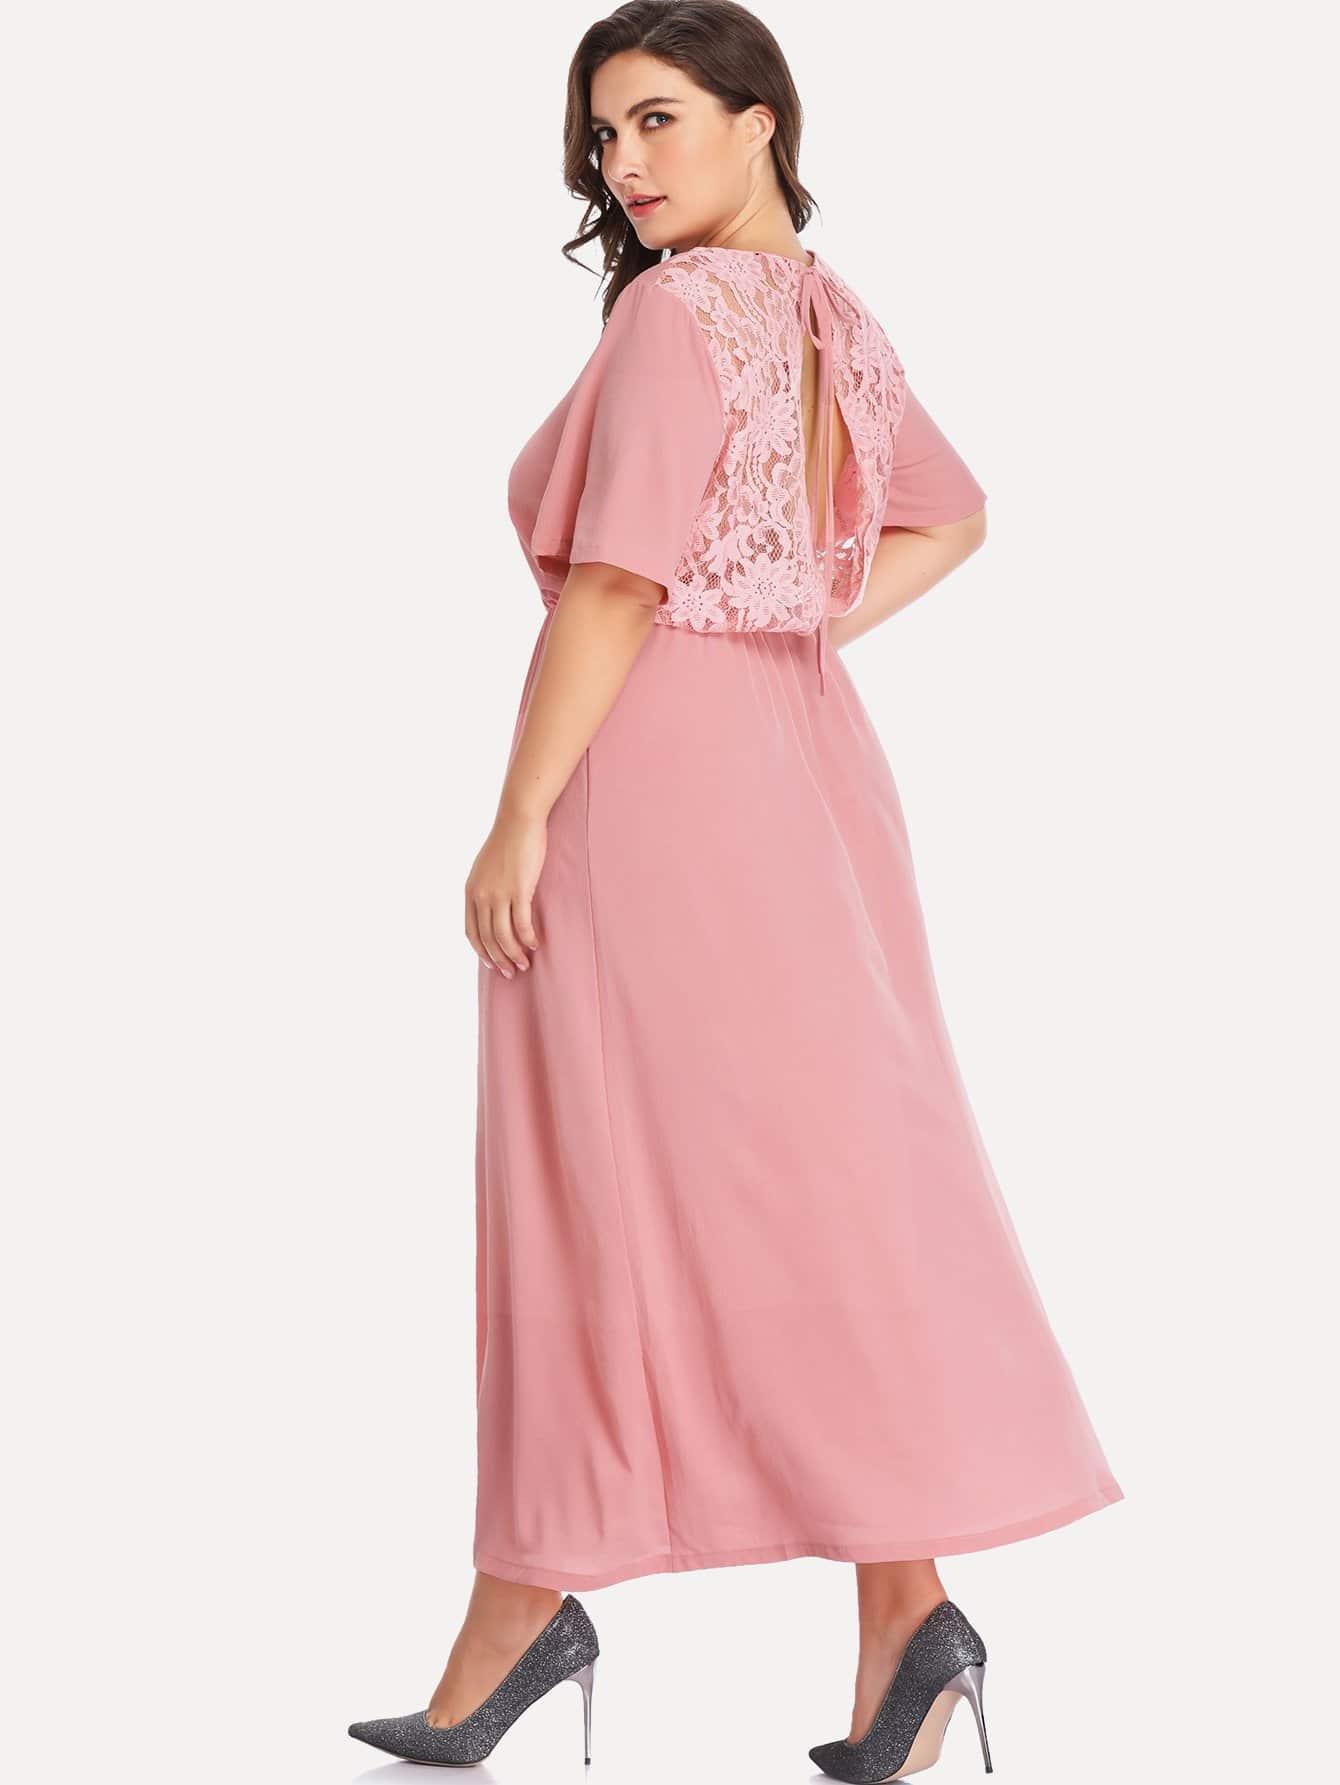 Купить Большое простое платье со симметрическими кружевами, Franziska, SheIn